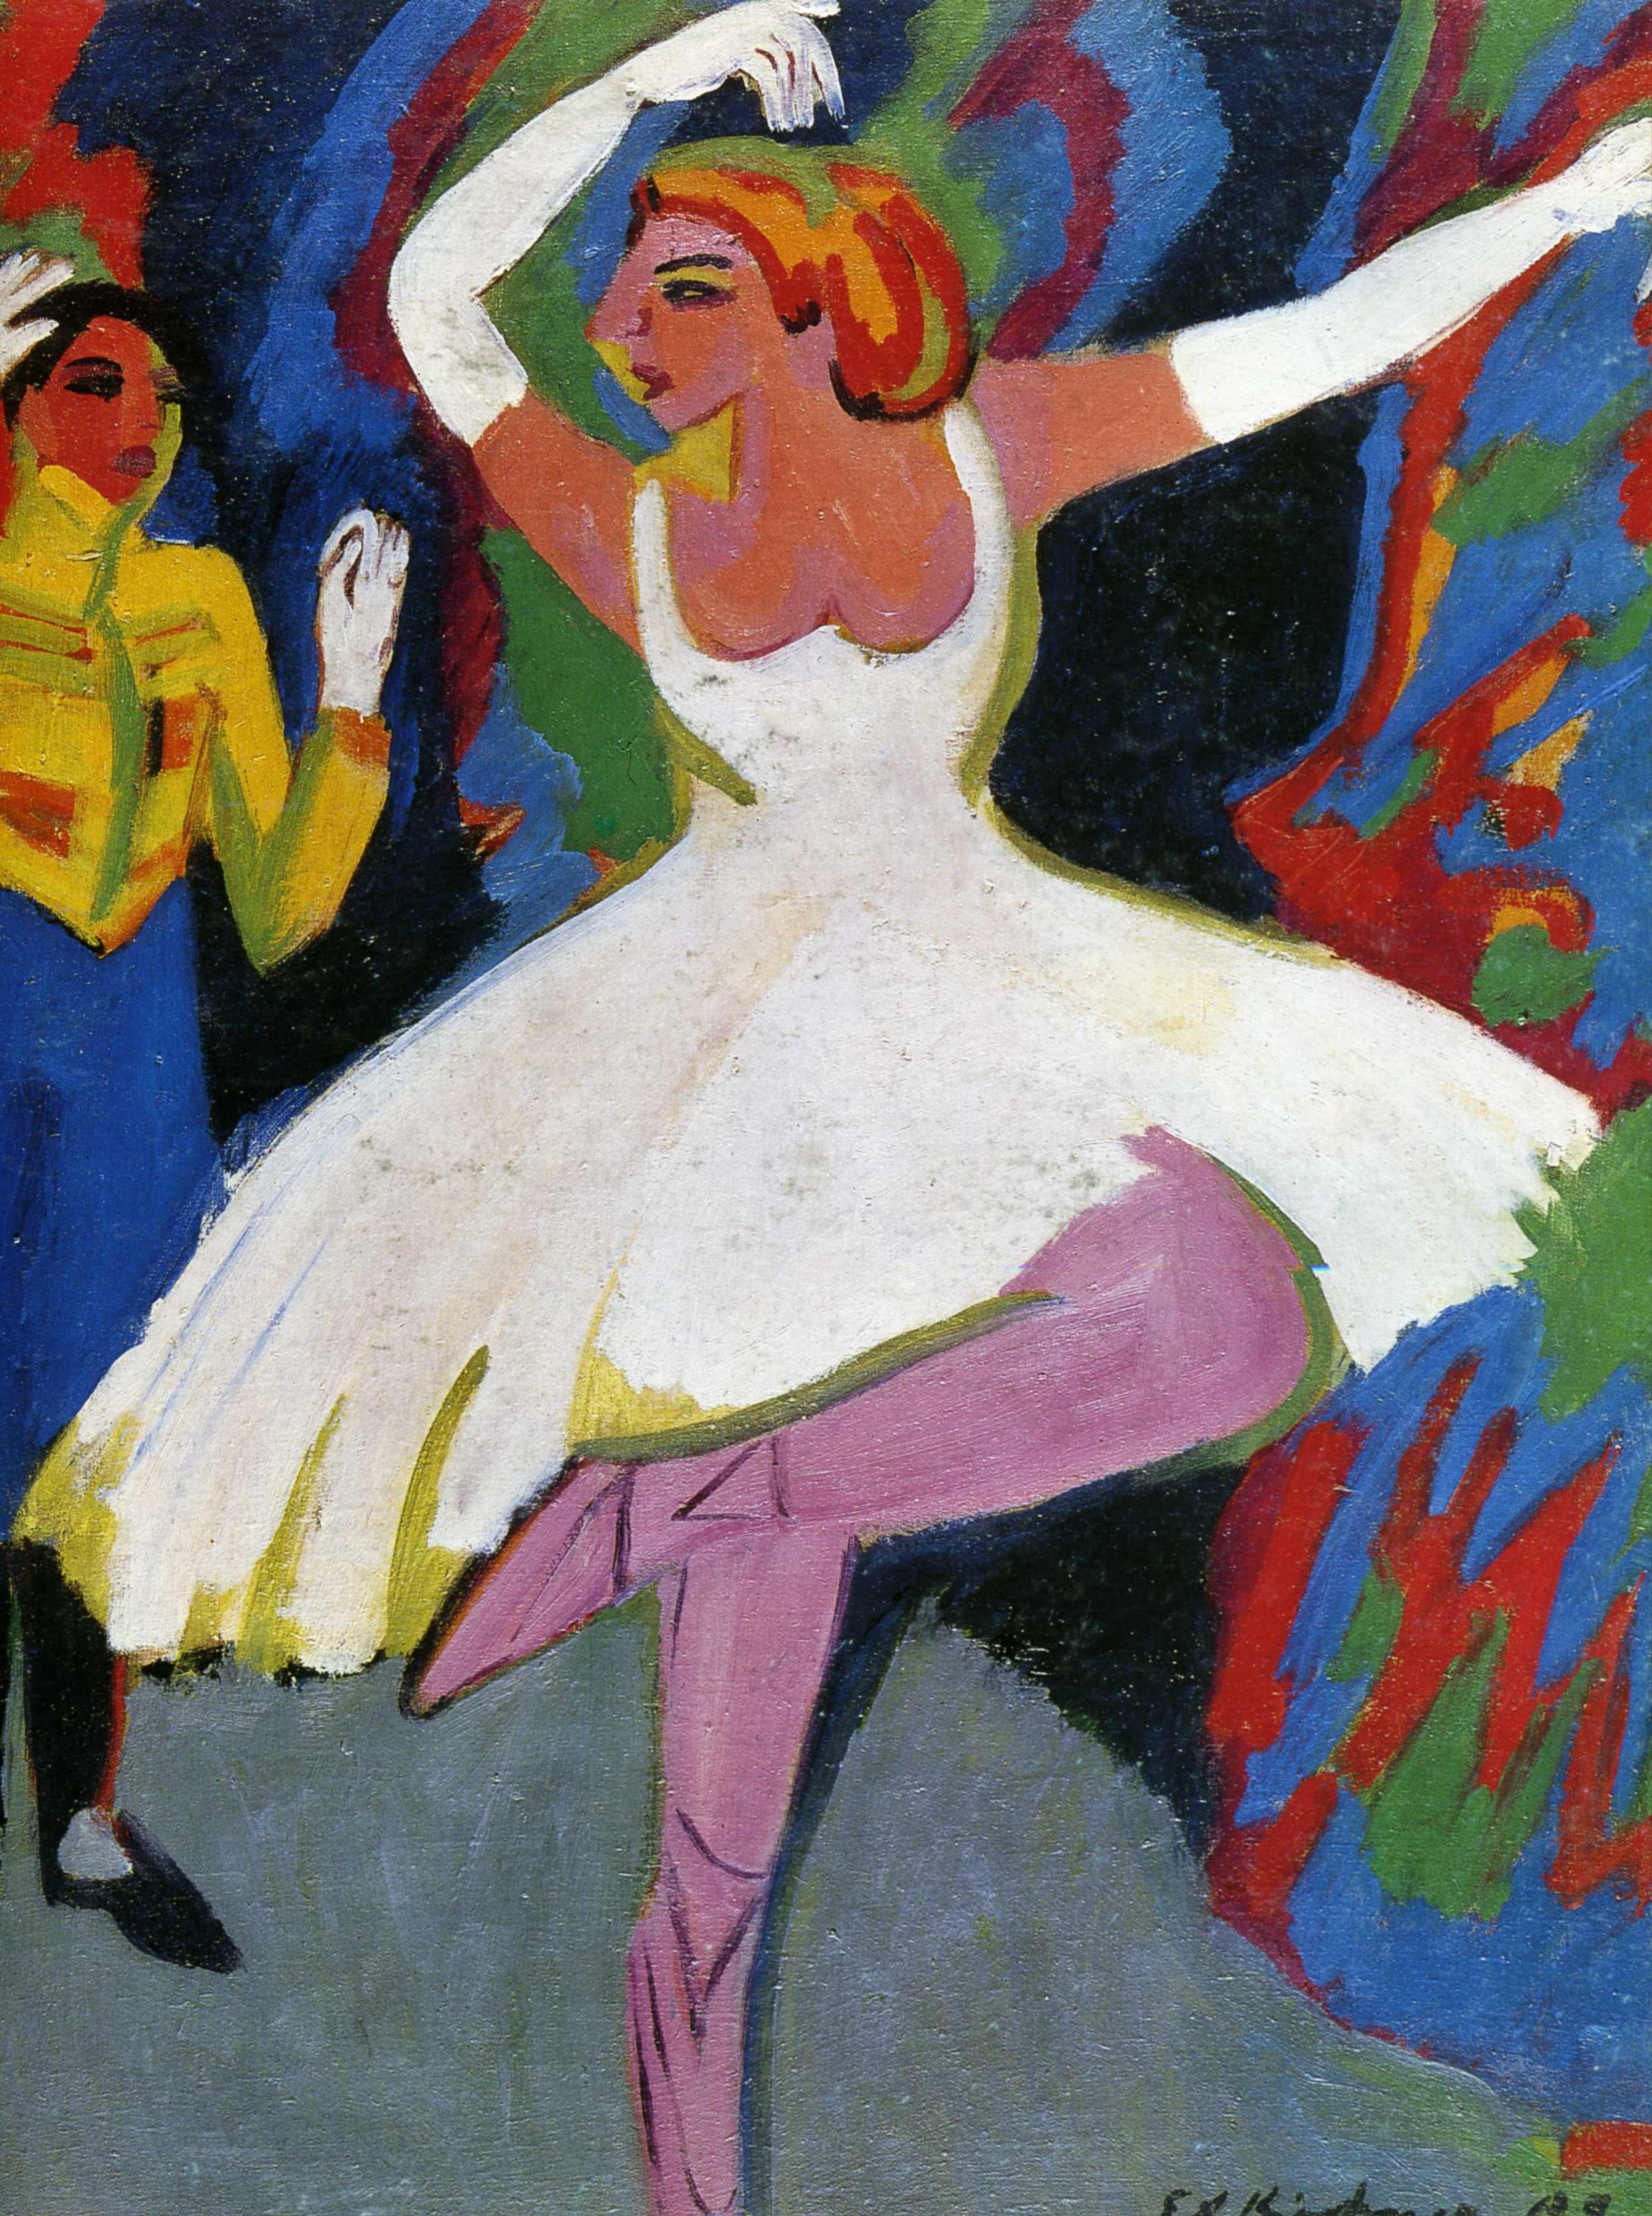 Эрнст Людвиг Кирхнер (1880 — 1938) — немецкий художник, график и скульптор, представитель экспрессионизма. 1909. «Русская танцовщица»